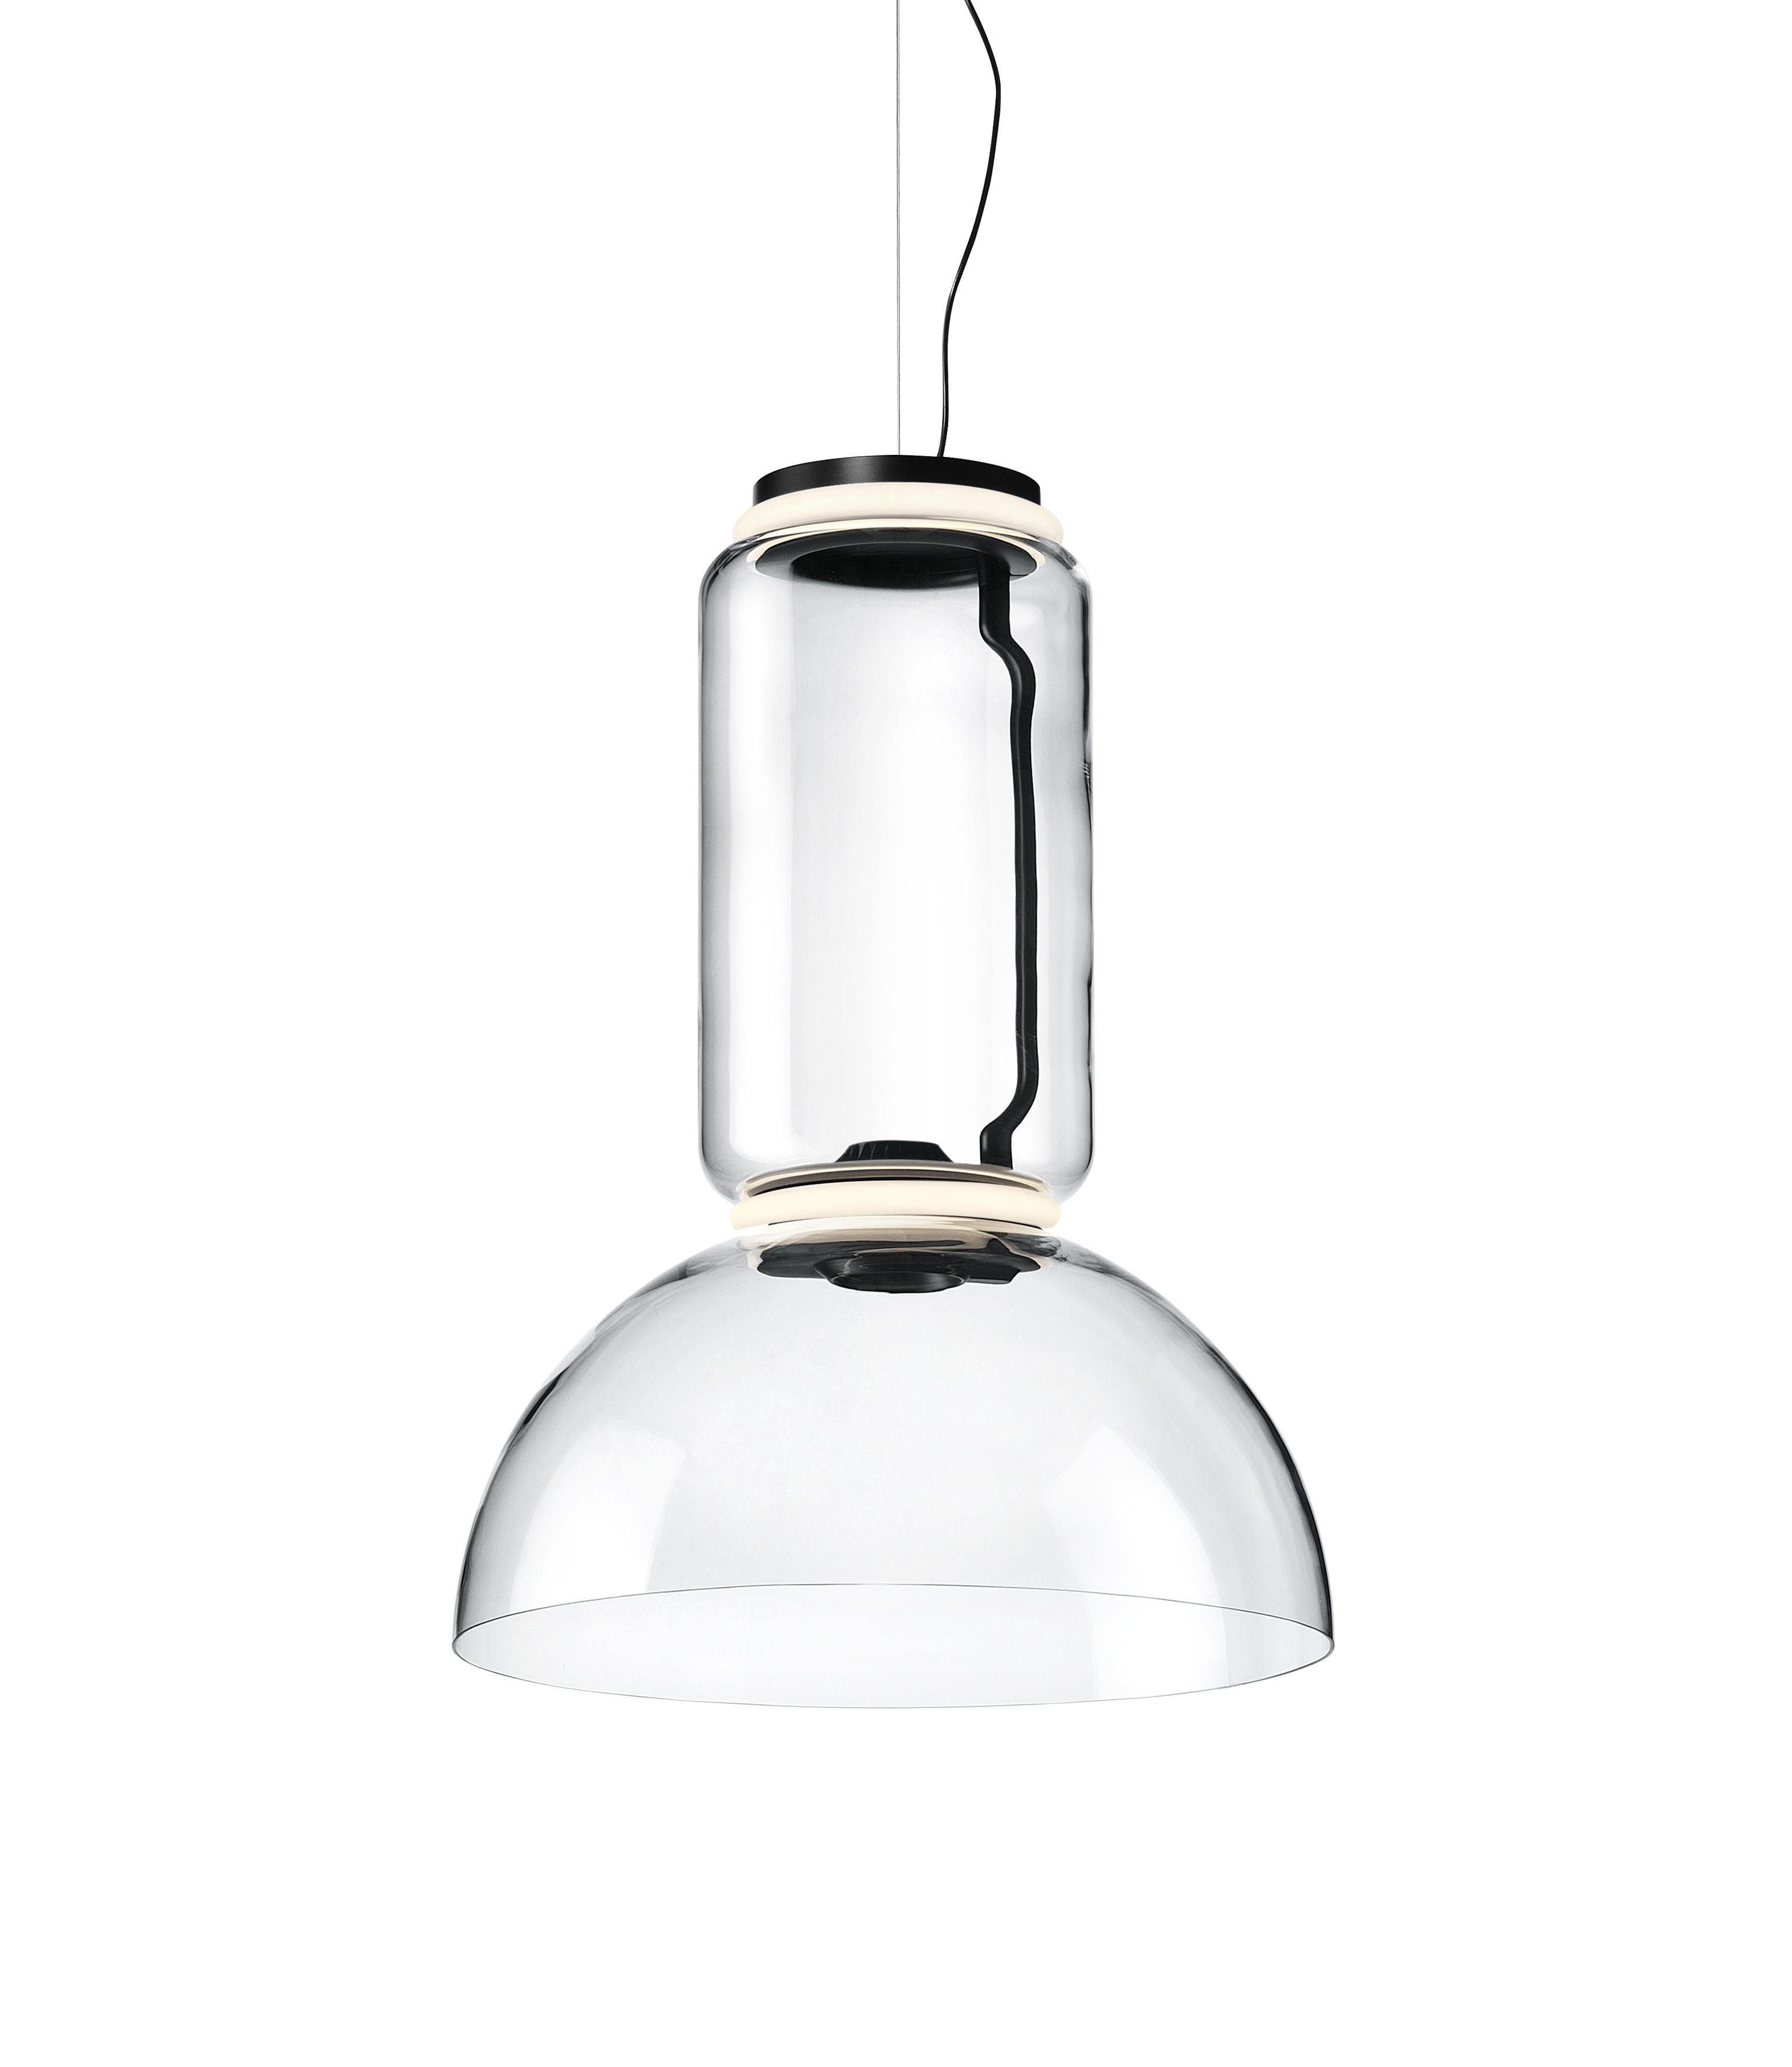 Luminaire - Suspensions - Suspension Noctambule Dôme n°1 / LED - Ø 55 x H 75 cm - Flos - H 75 cm / Transparent - Acier, Fonte d'aluminium, Verre soufflé